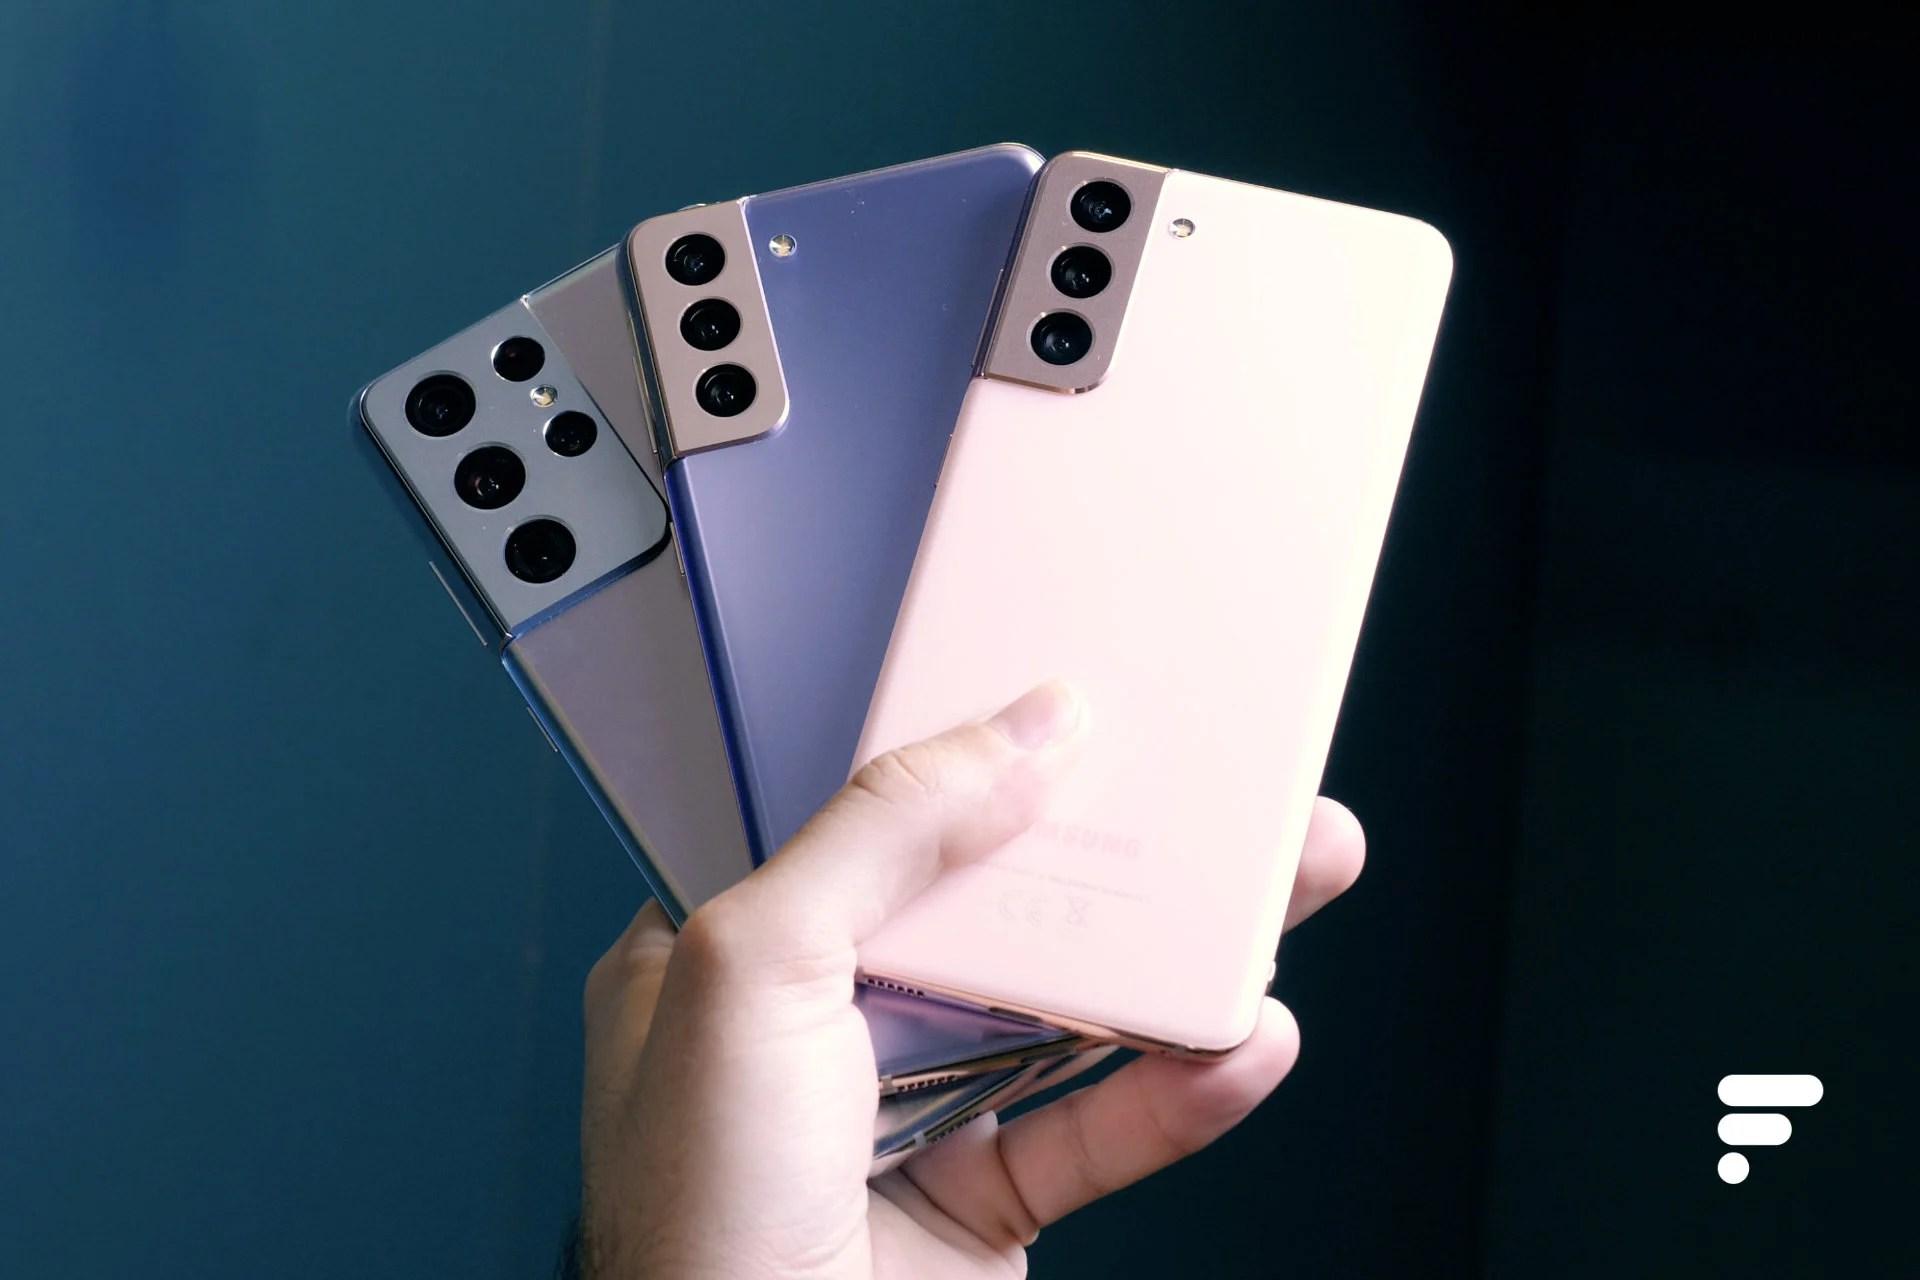 Galaxy S21 : Samsung abandonne officiellement le chargeur dans la boîte